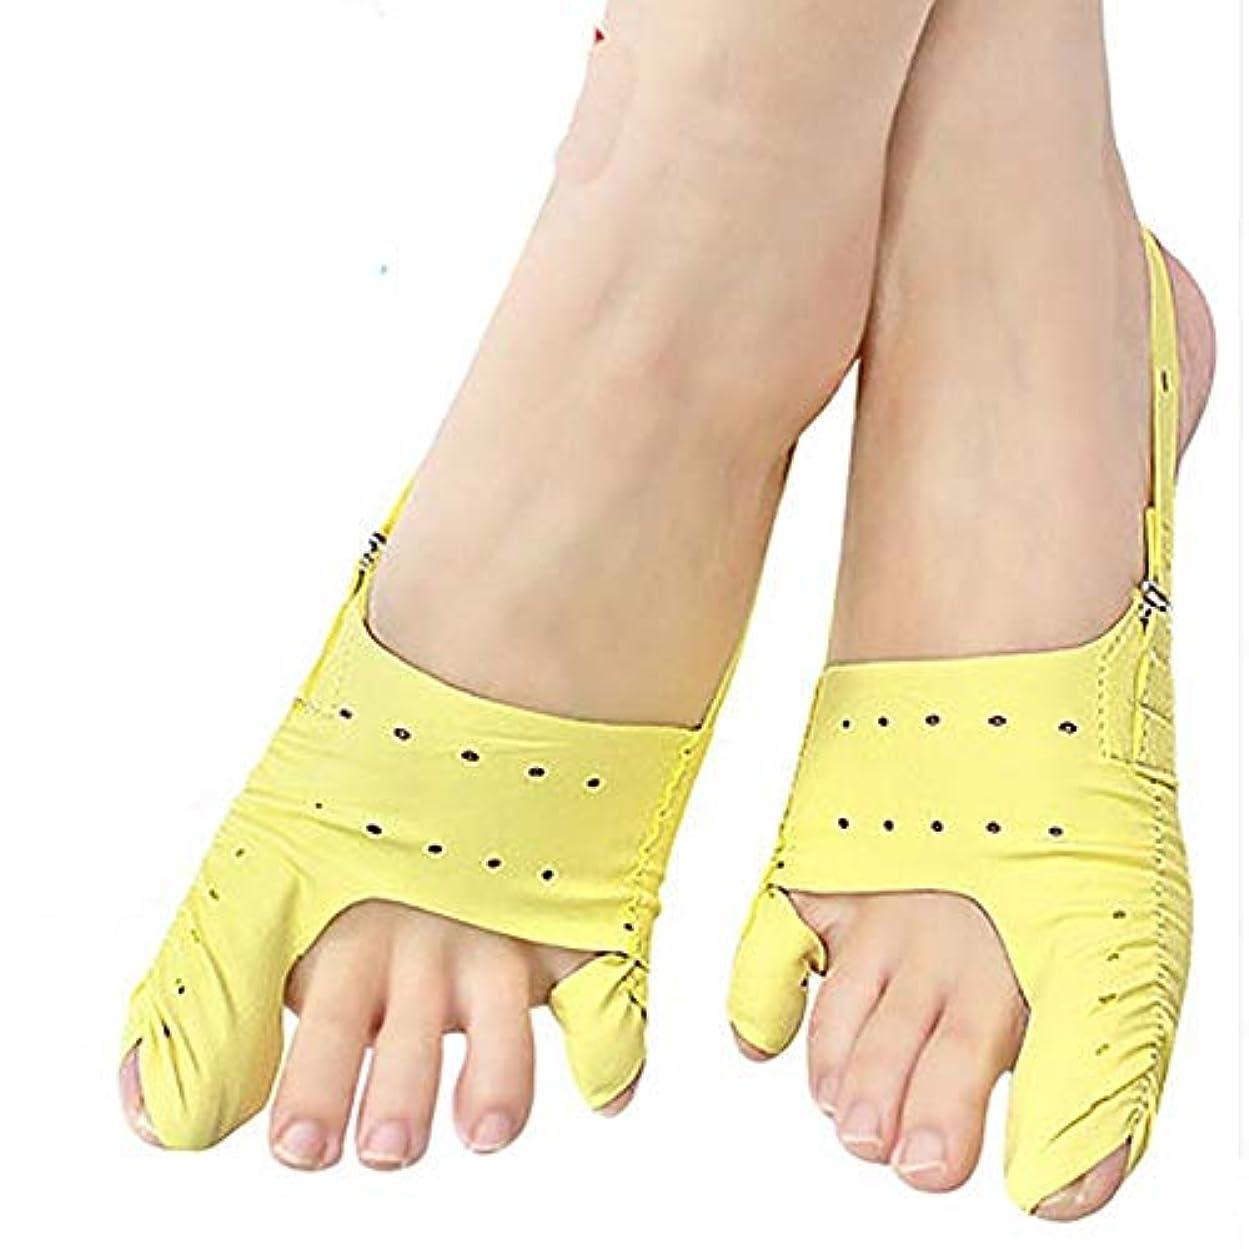 契約する系統的許容できる親指の外反足の骨の足のアライナーと大きな足と光と通気性の昼と夜 窓の外の小雨 (Size : L)